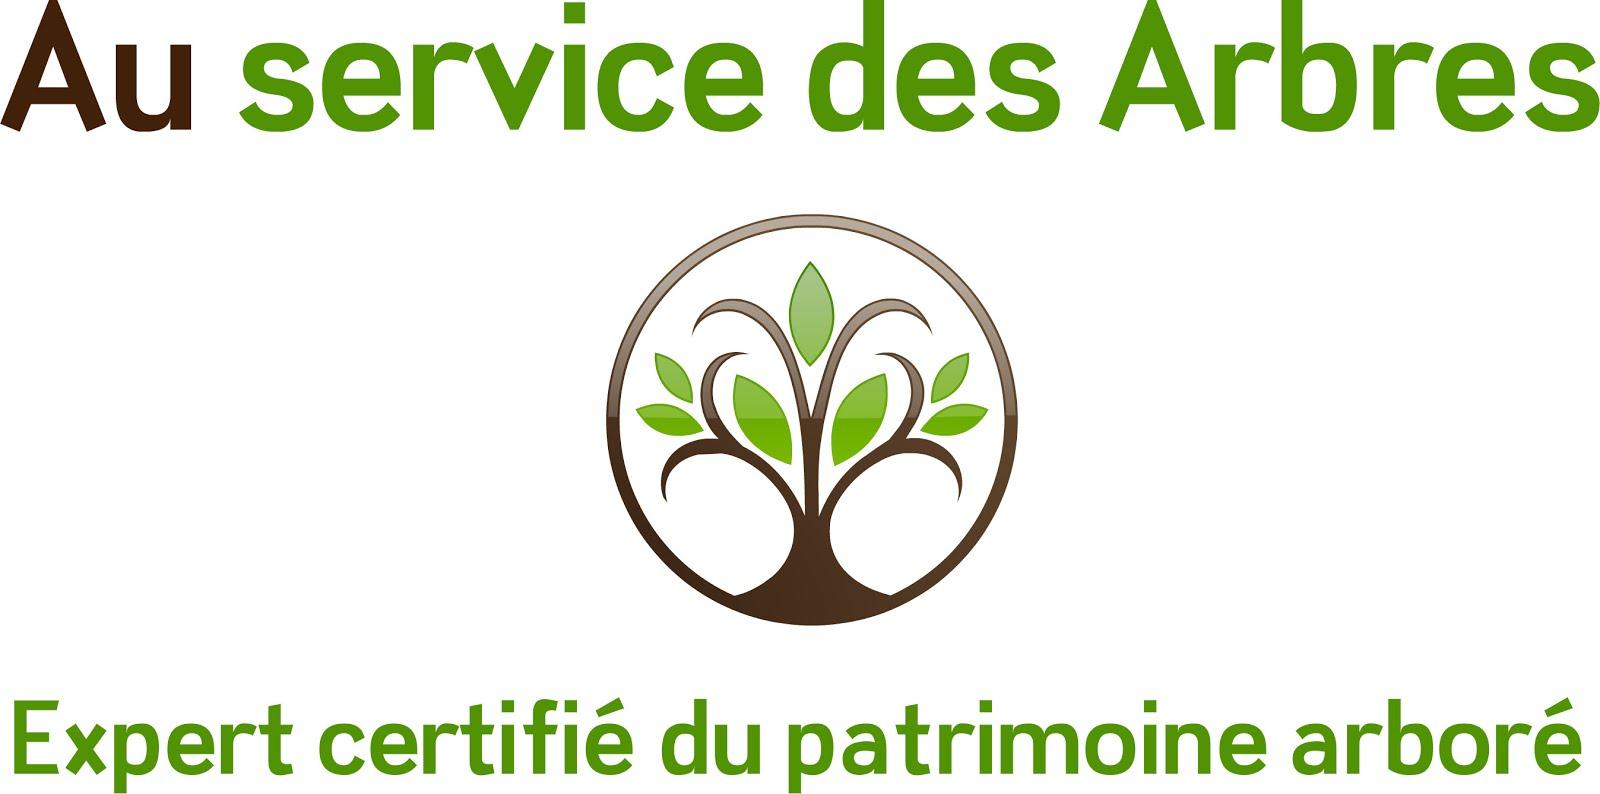 Le label des Arboristes !